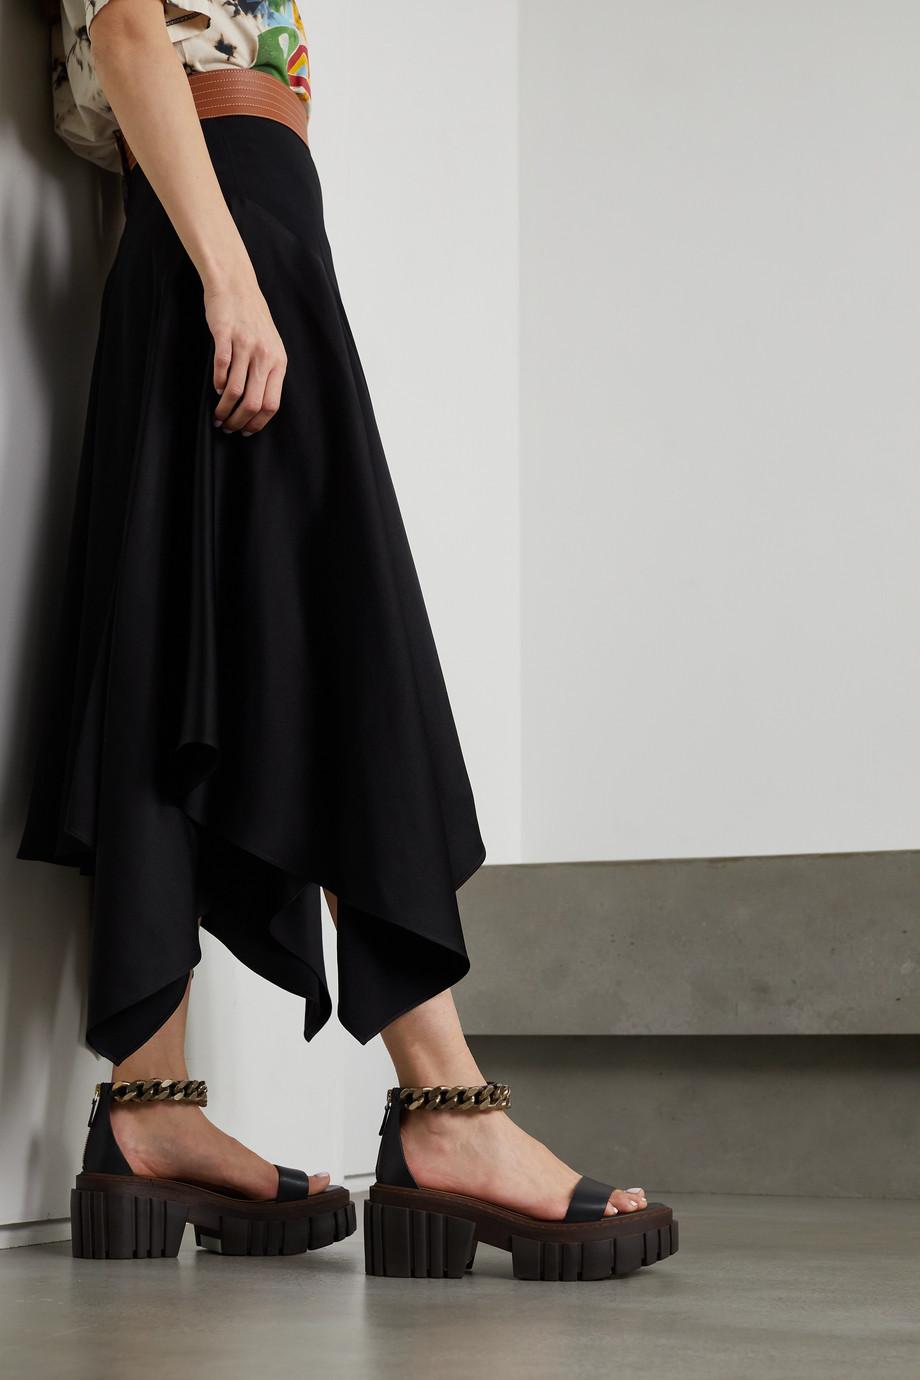 Stella McCartney Emilie chain-embellished vegetarian leather platform sandals